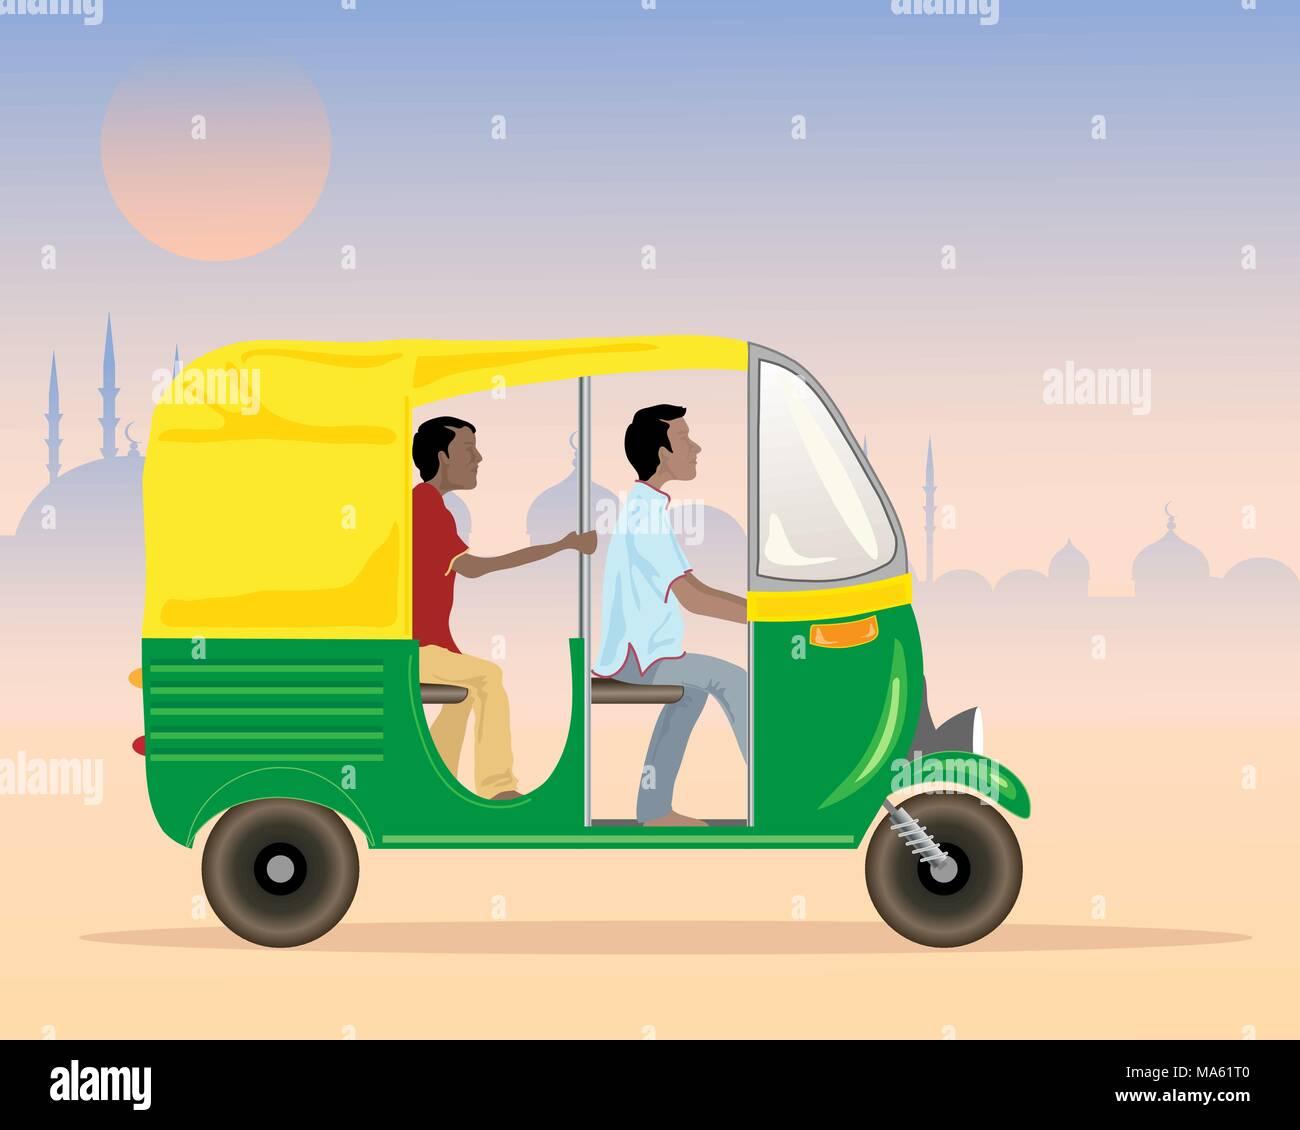 Una illustrazione vettoriale in formato eps formato 10 di un tuk tuk taxi in India con conducente e passeggero in un contesto urbano di sera Immagini Stock